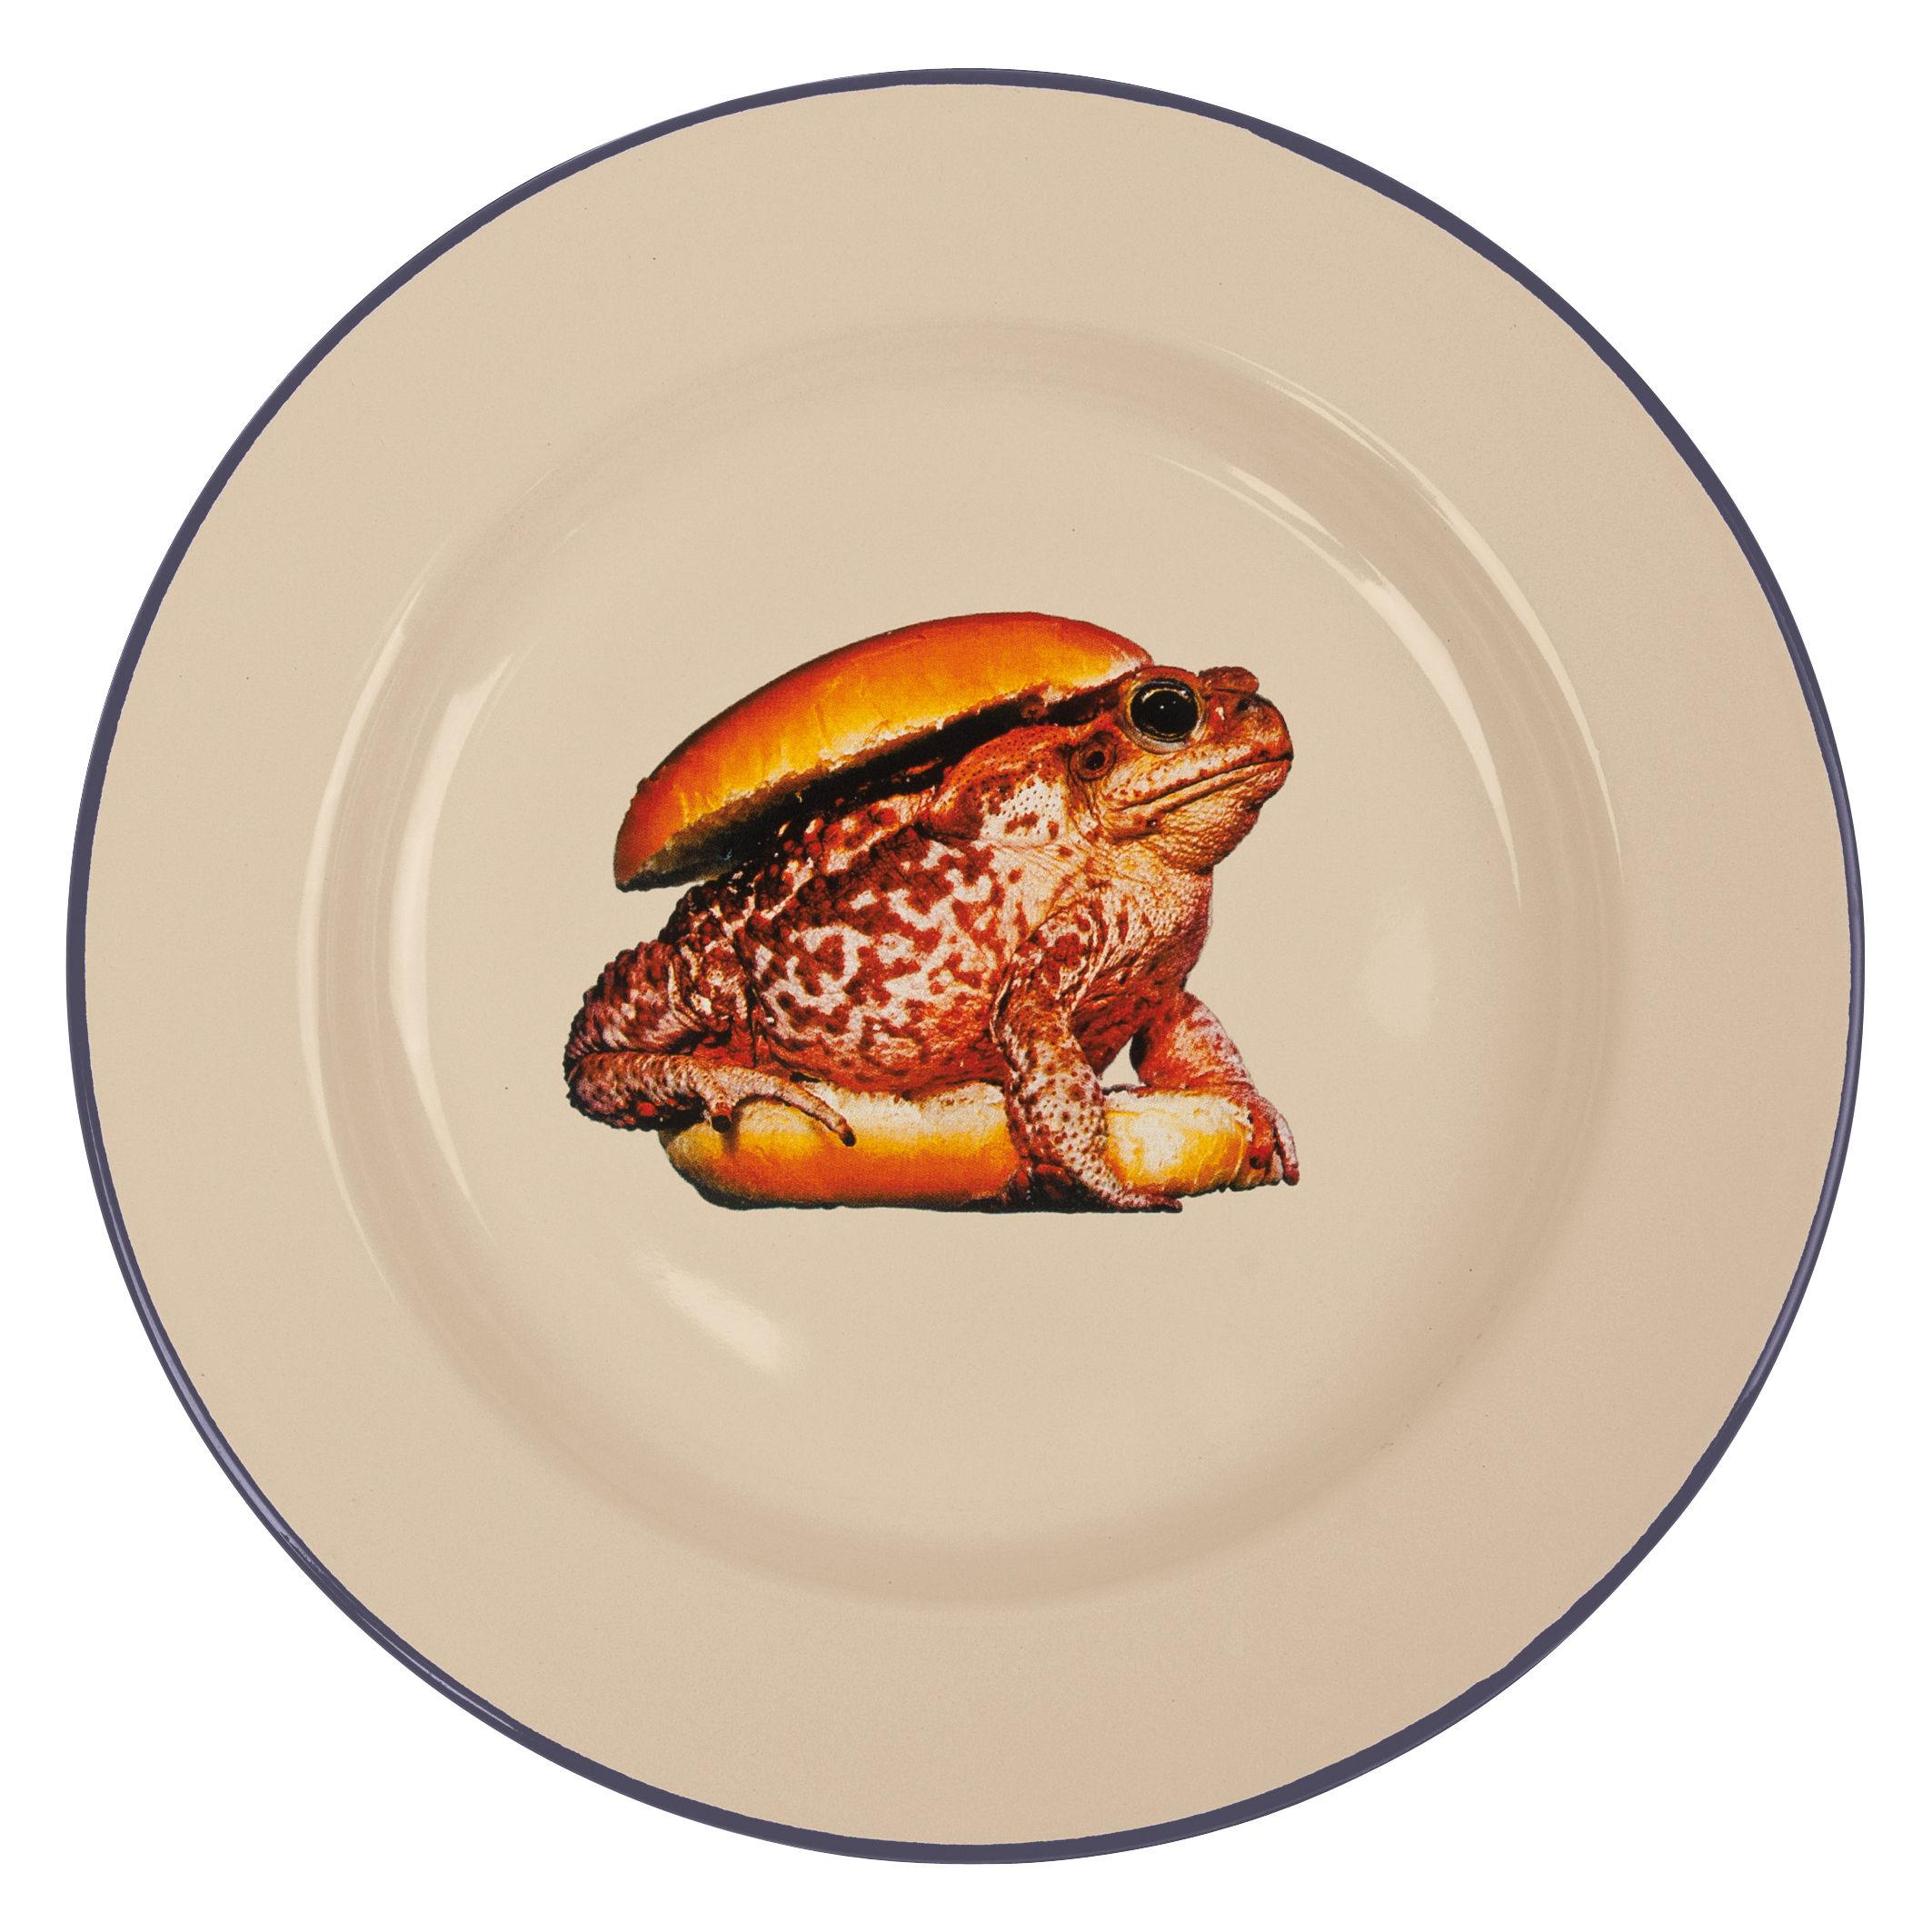 Tableware - Plates - Toiletpaper - Burger Plate - / Froge Burger by Seletti - Froge burger - Enamelled metal